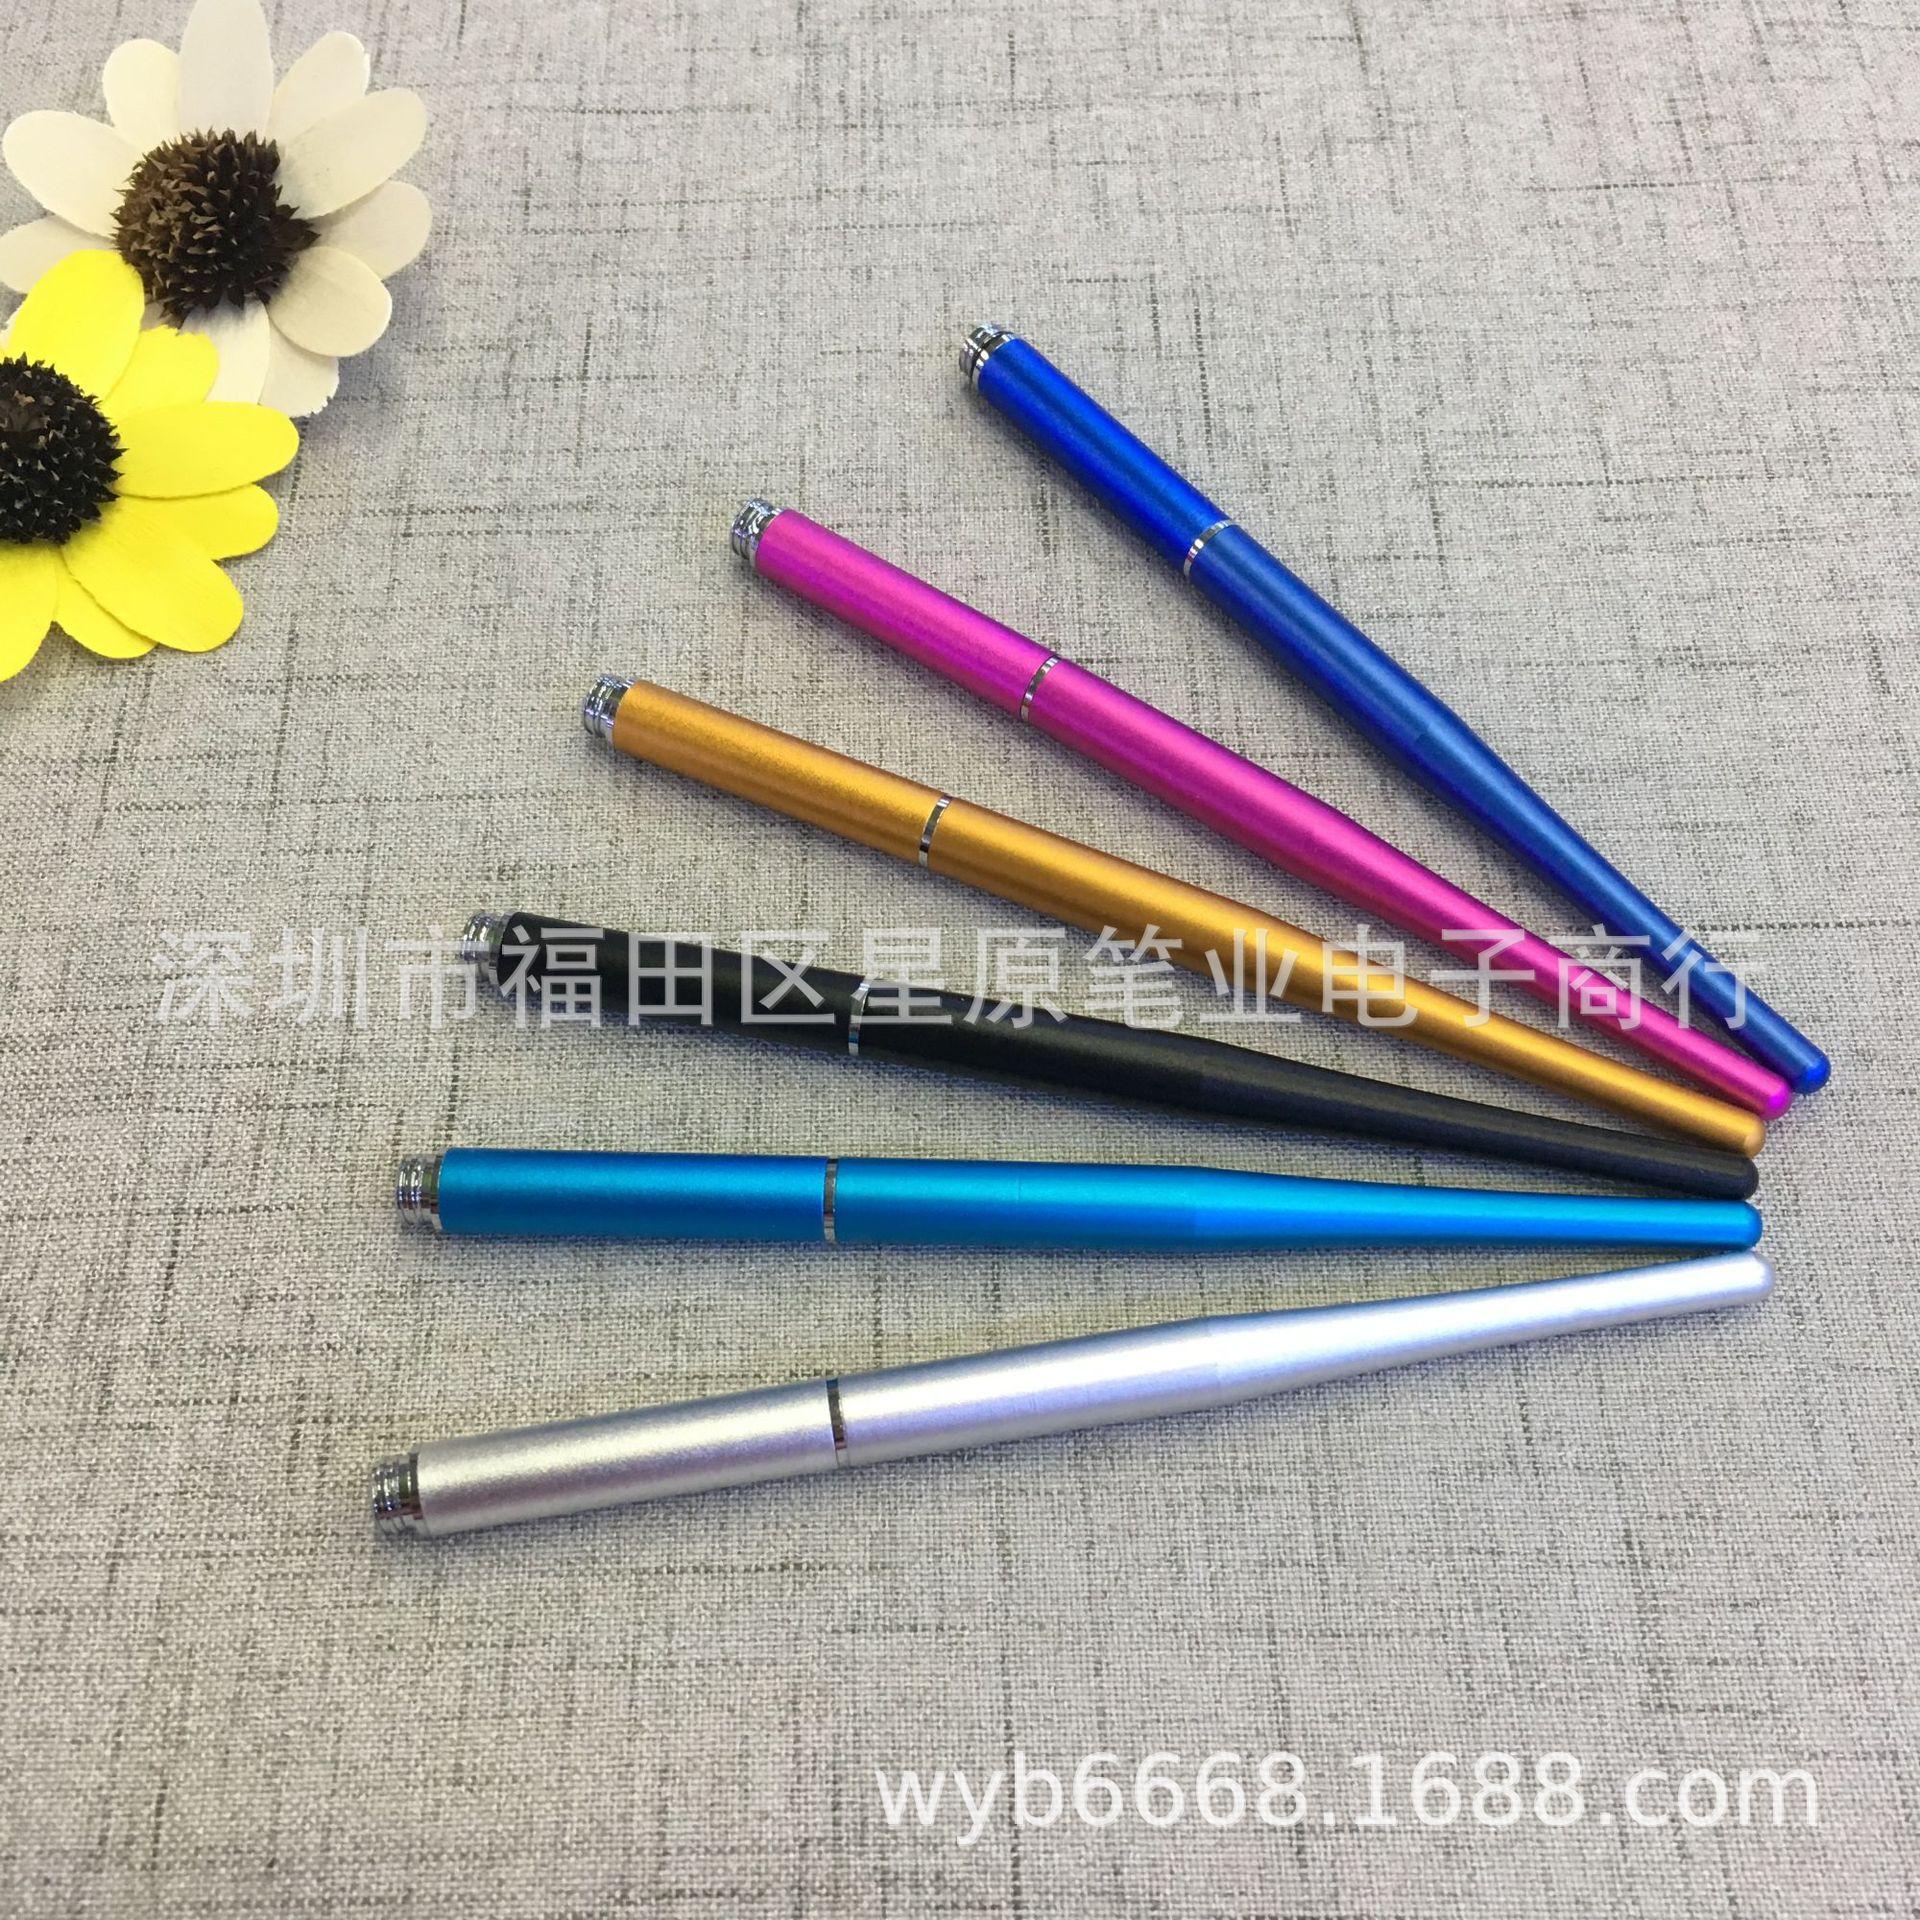 尖尾圆盘笔导电布头吸盘二合一手写笔触控笔金属电容笔绘画游戏笔